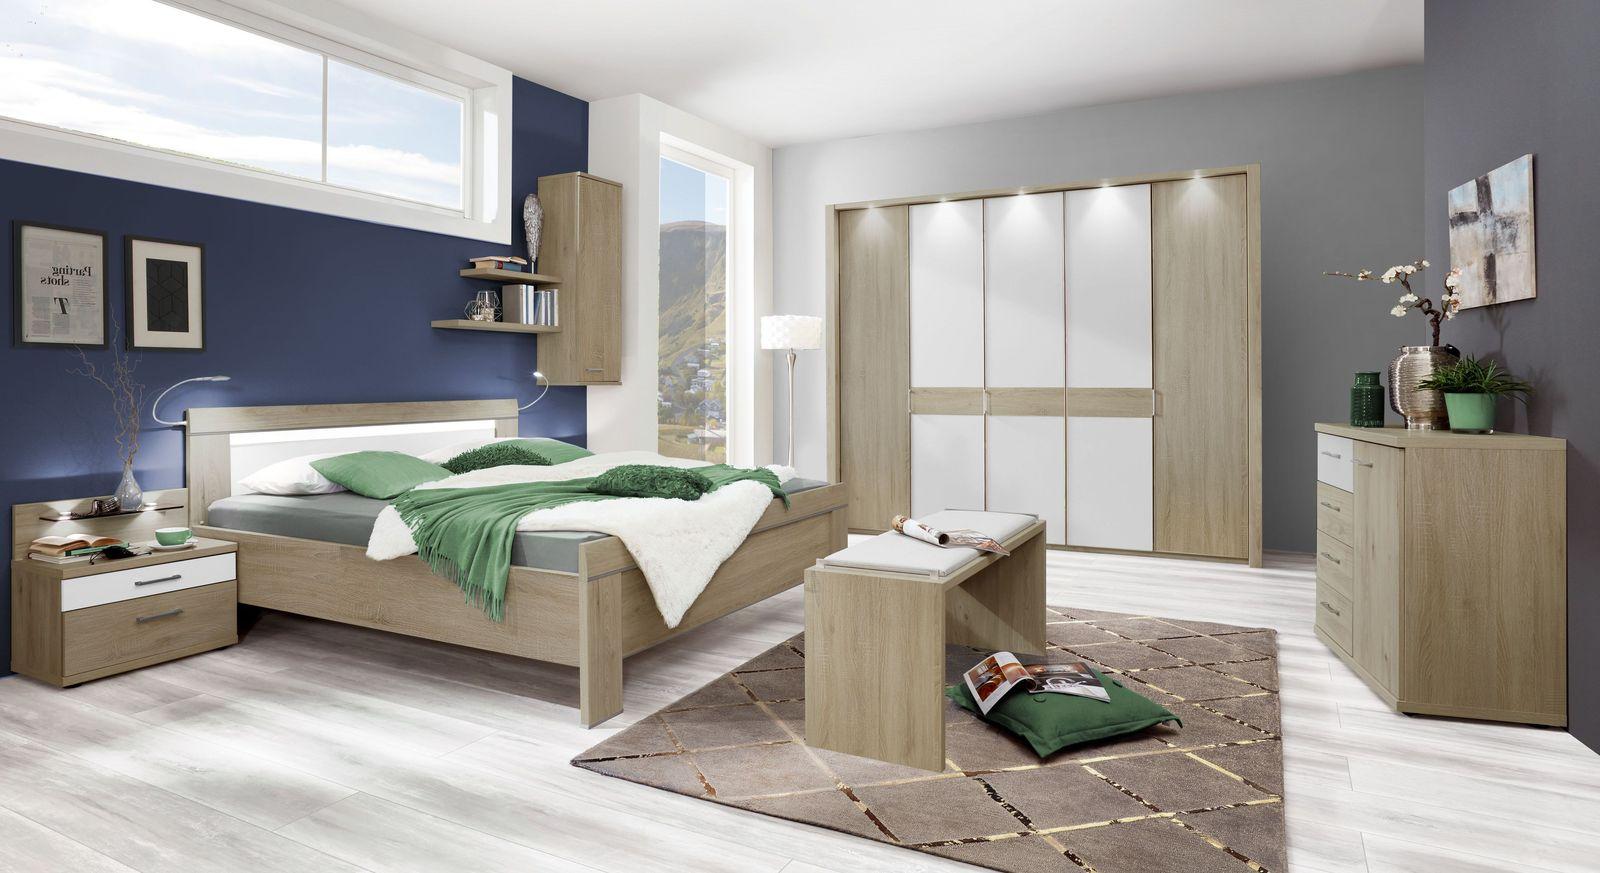 Komplett-Schlafzimmer Milltown in Eiche sägerau Dekor